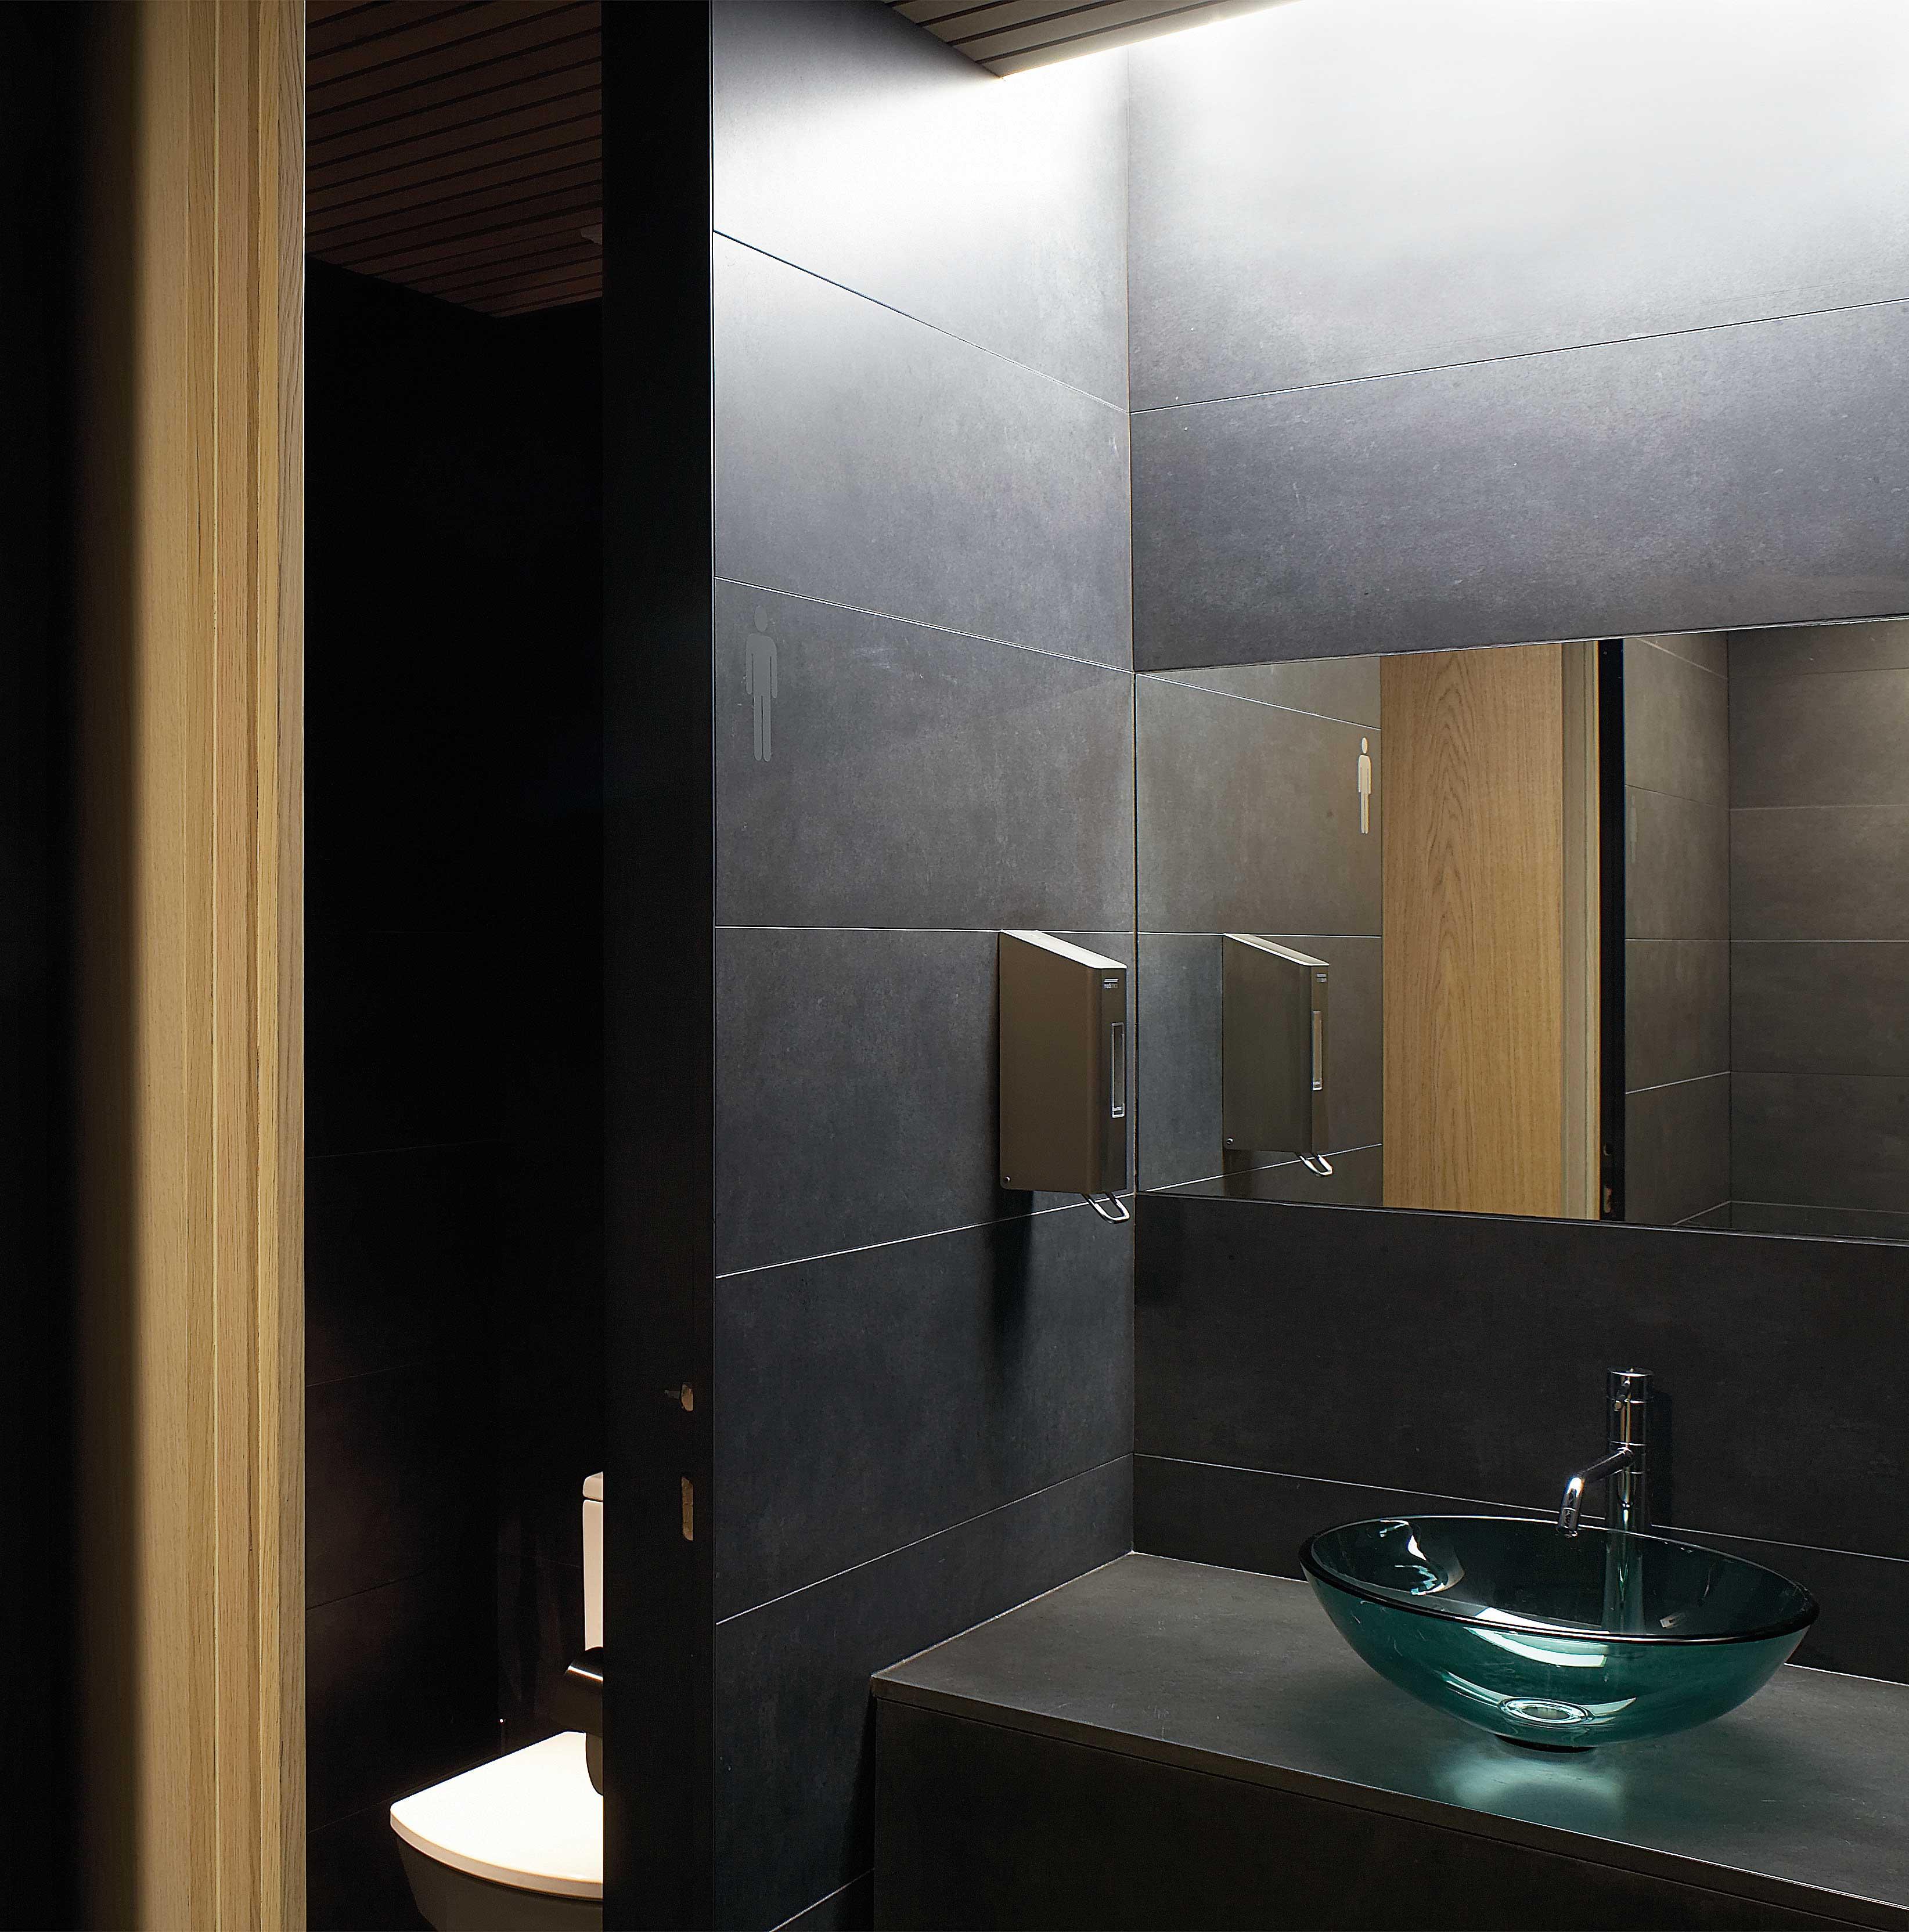 porcelanico-esmaltado-interiores-soluciones-ditail-dos-torres-000982-54